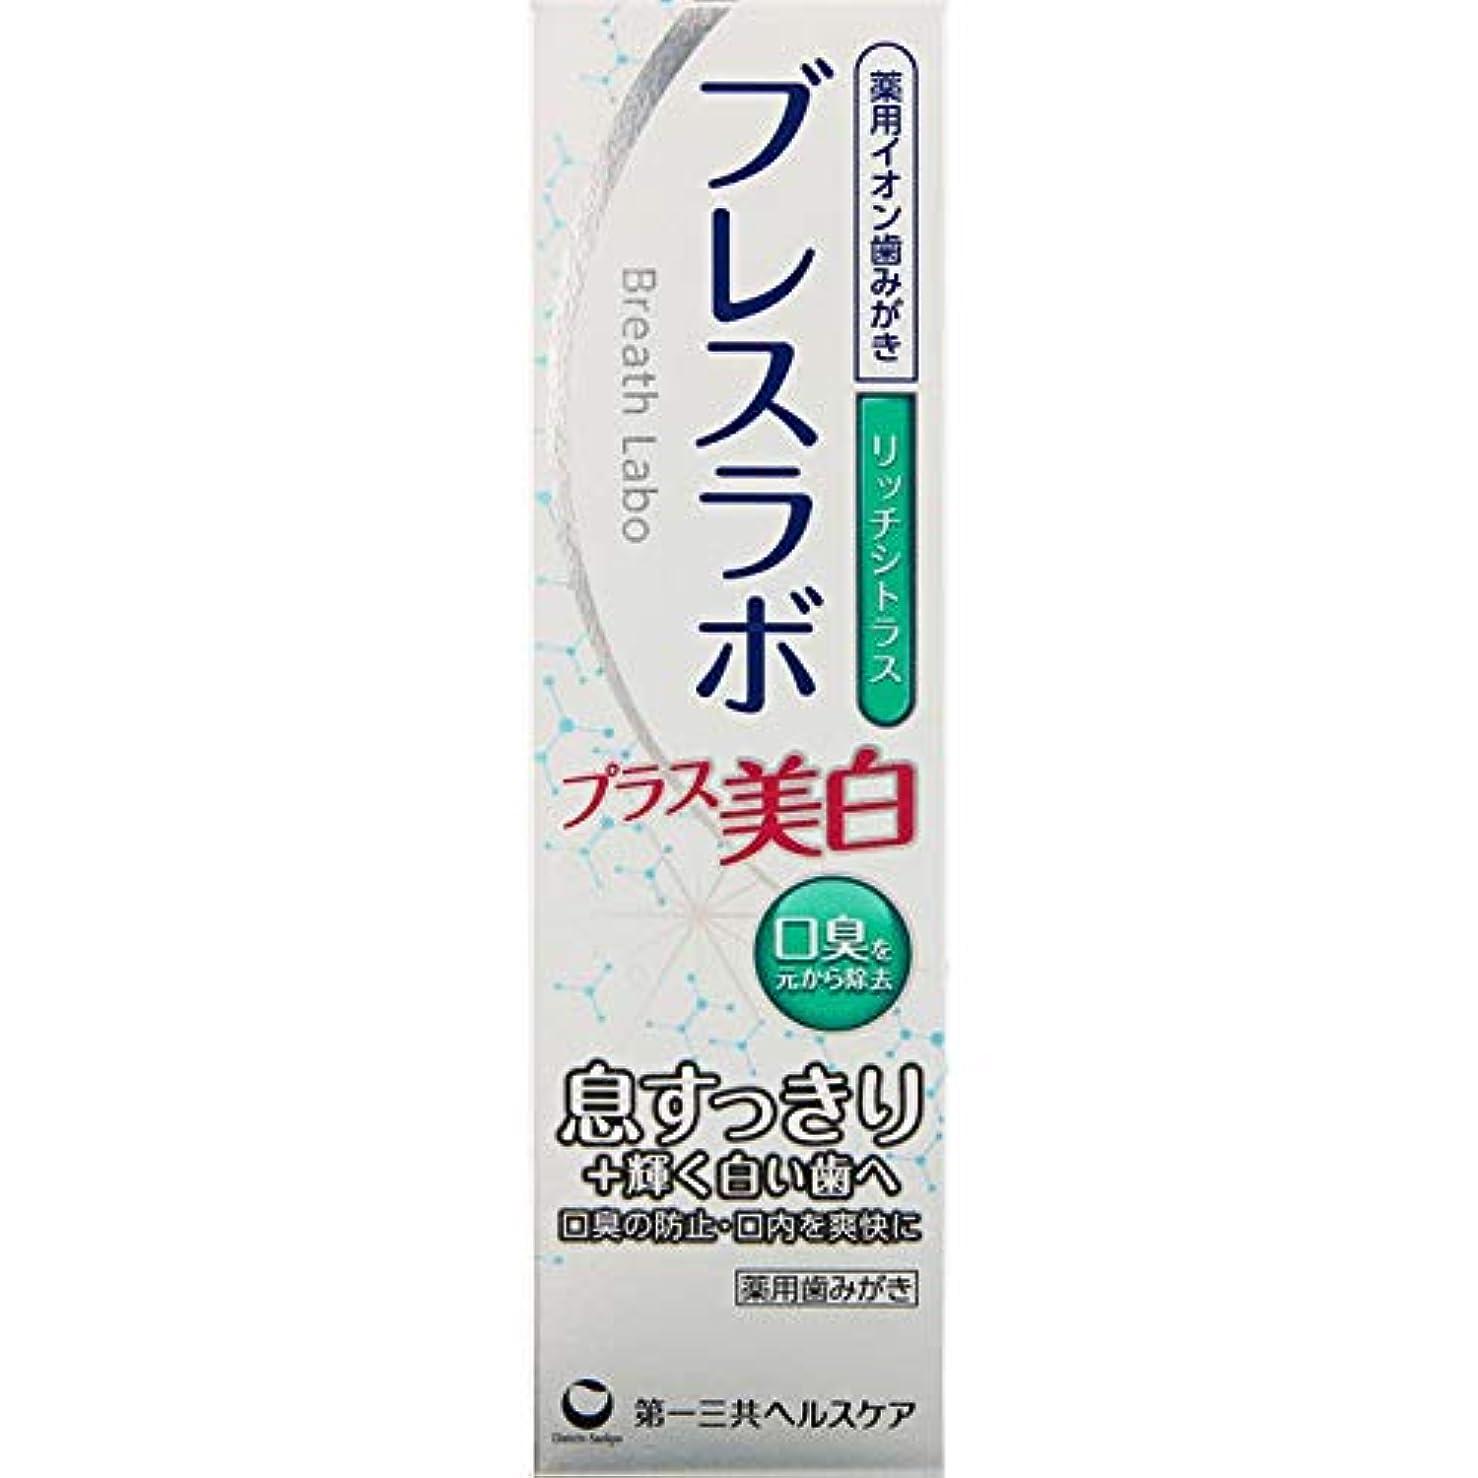 食事退院保険【4個セット】ブレスラボ プラス美白 リッチシトラス 90g